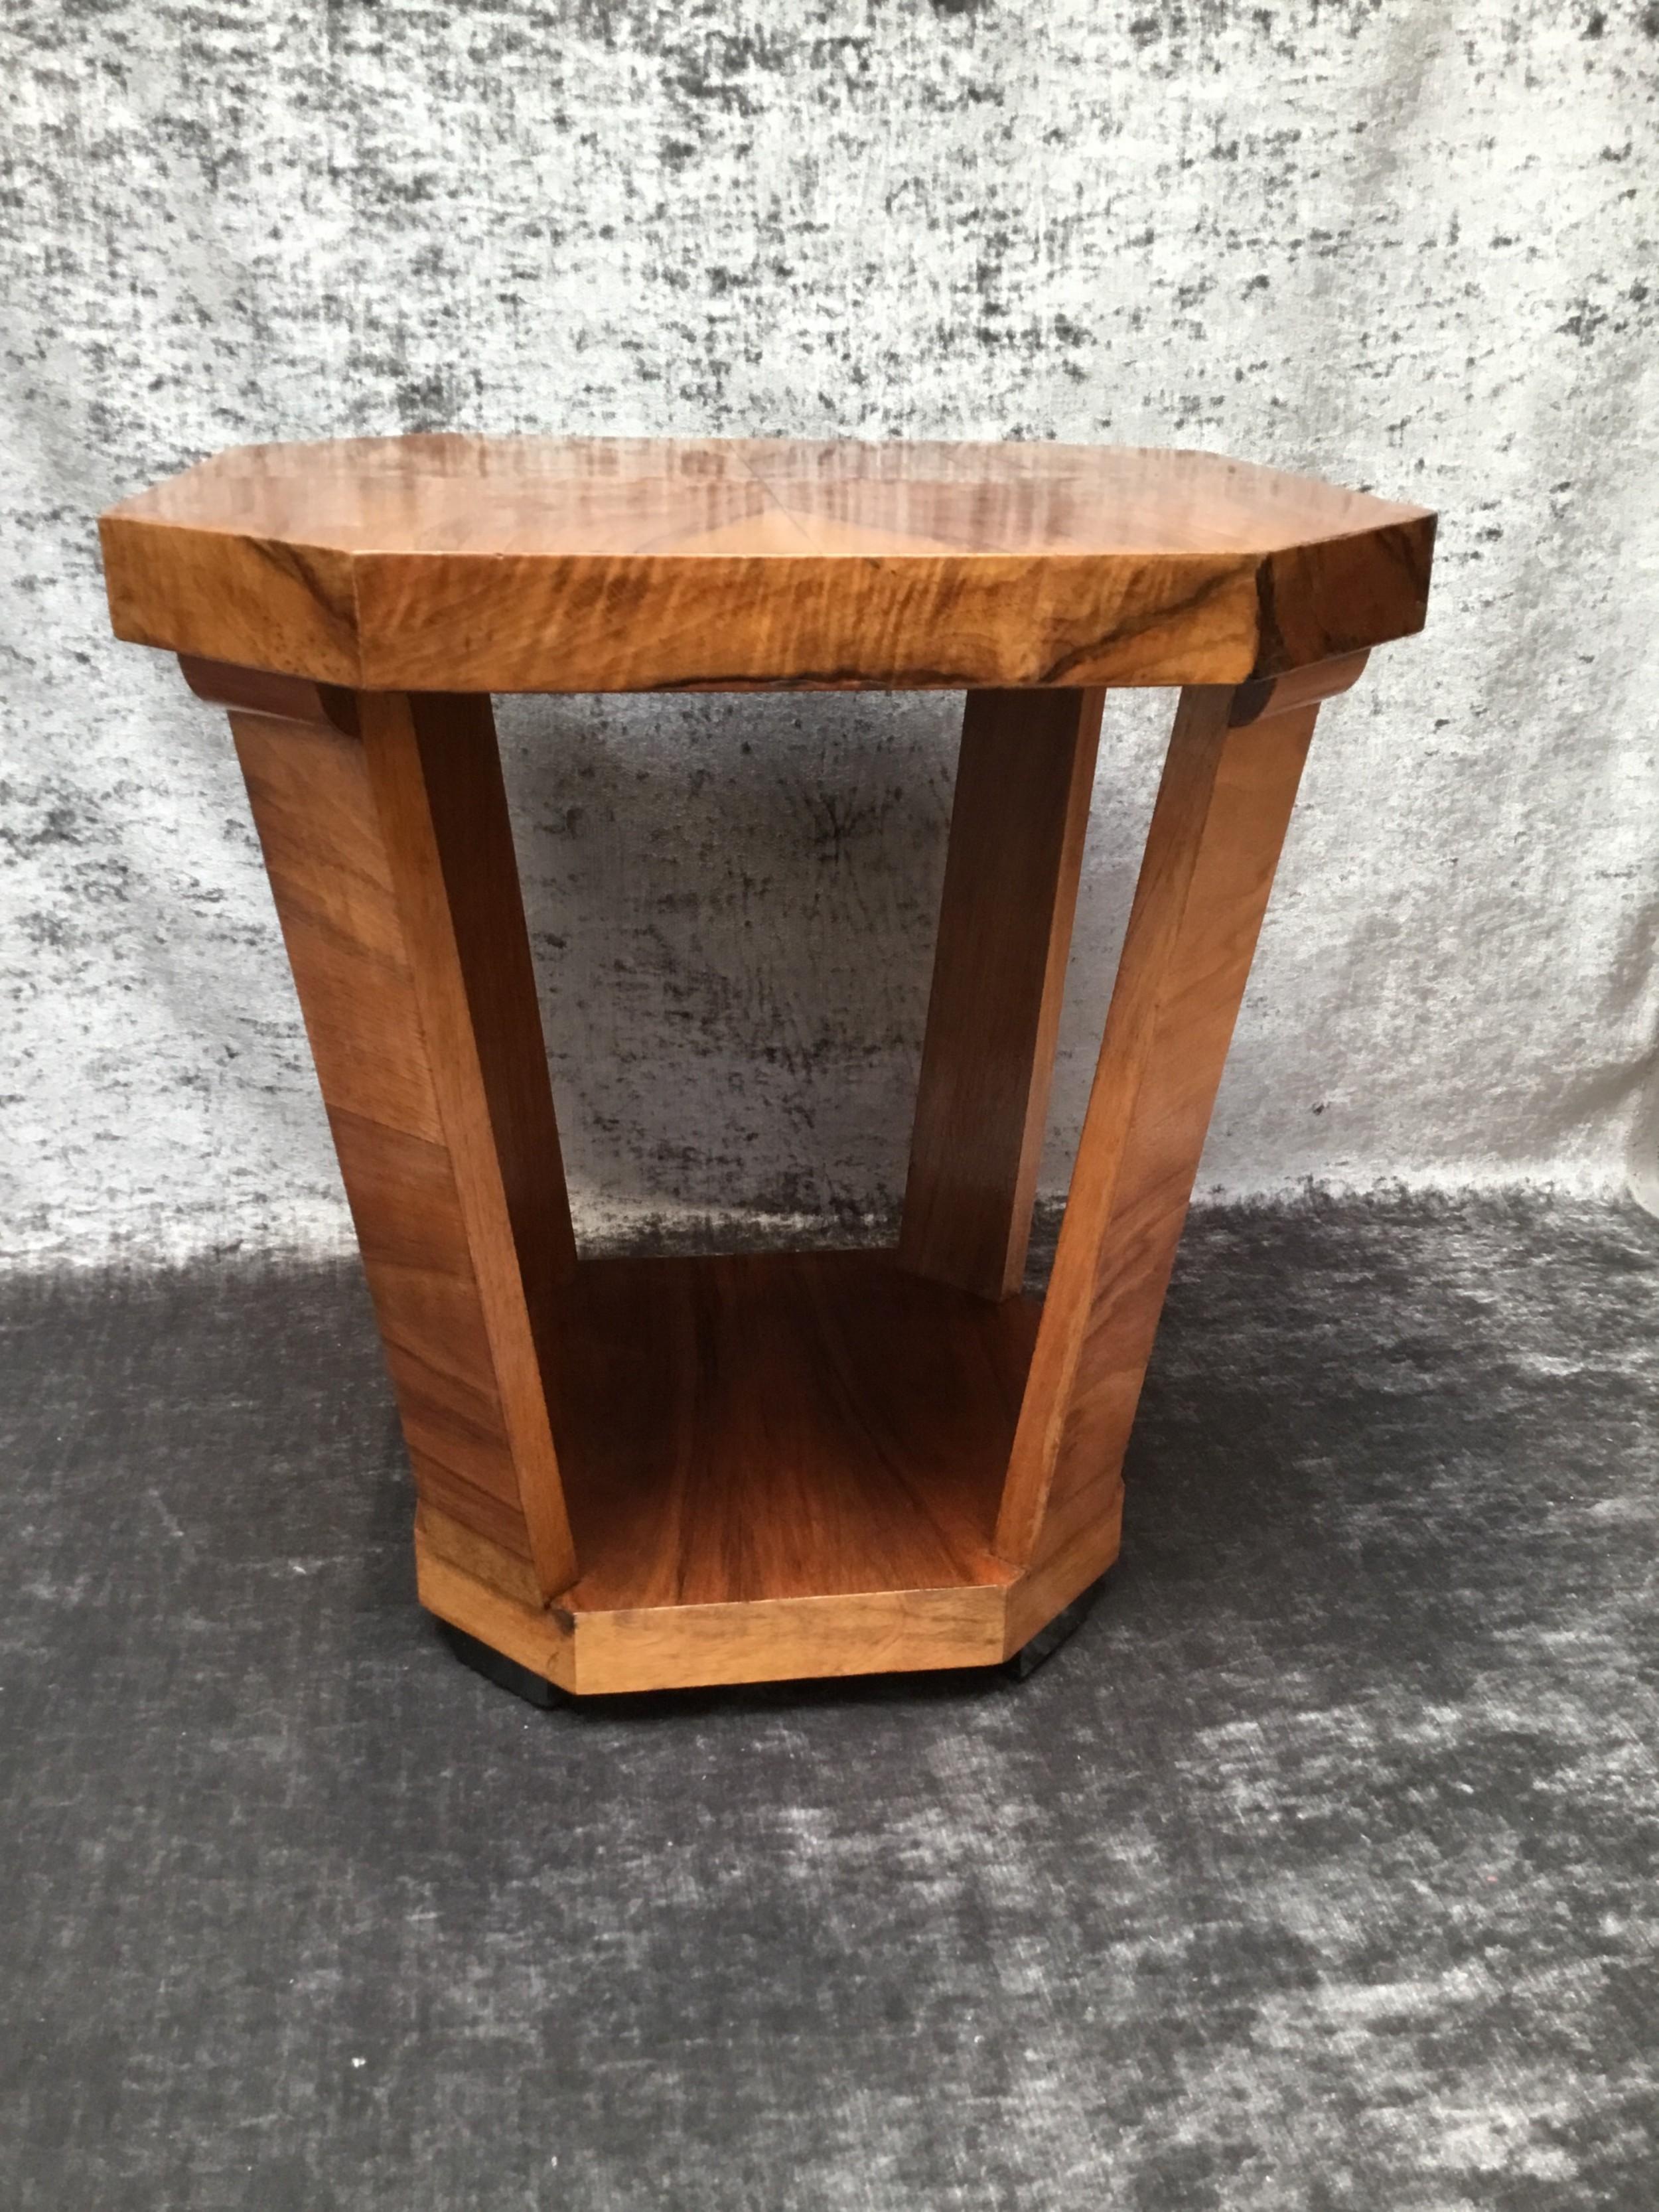 an art deco side table